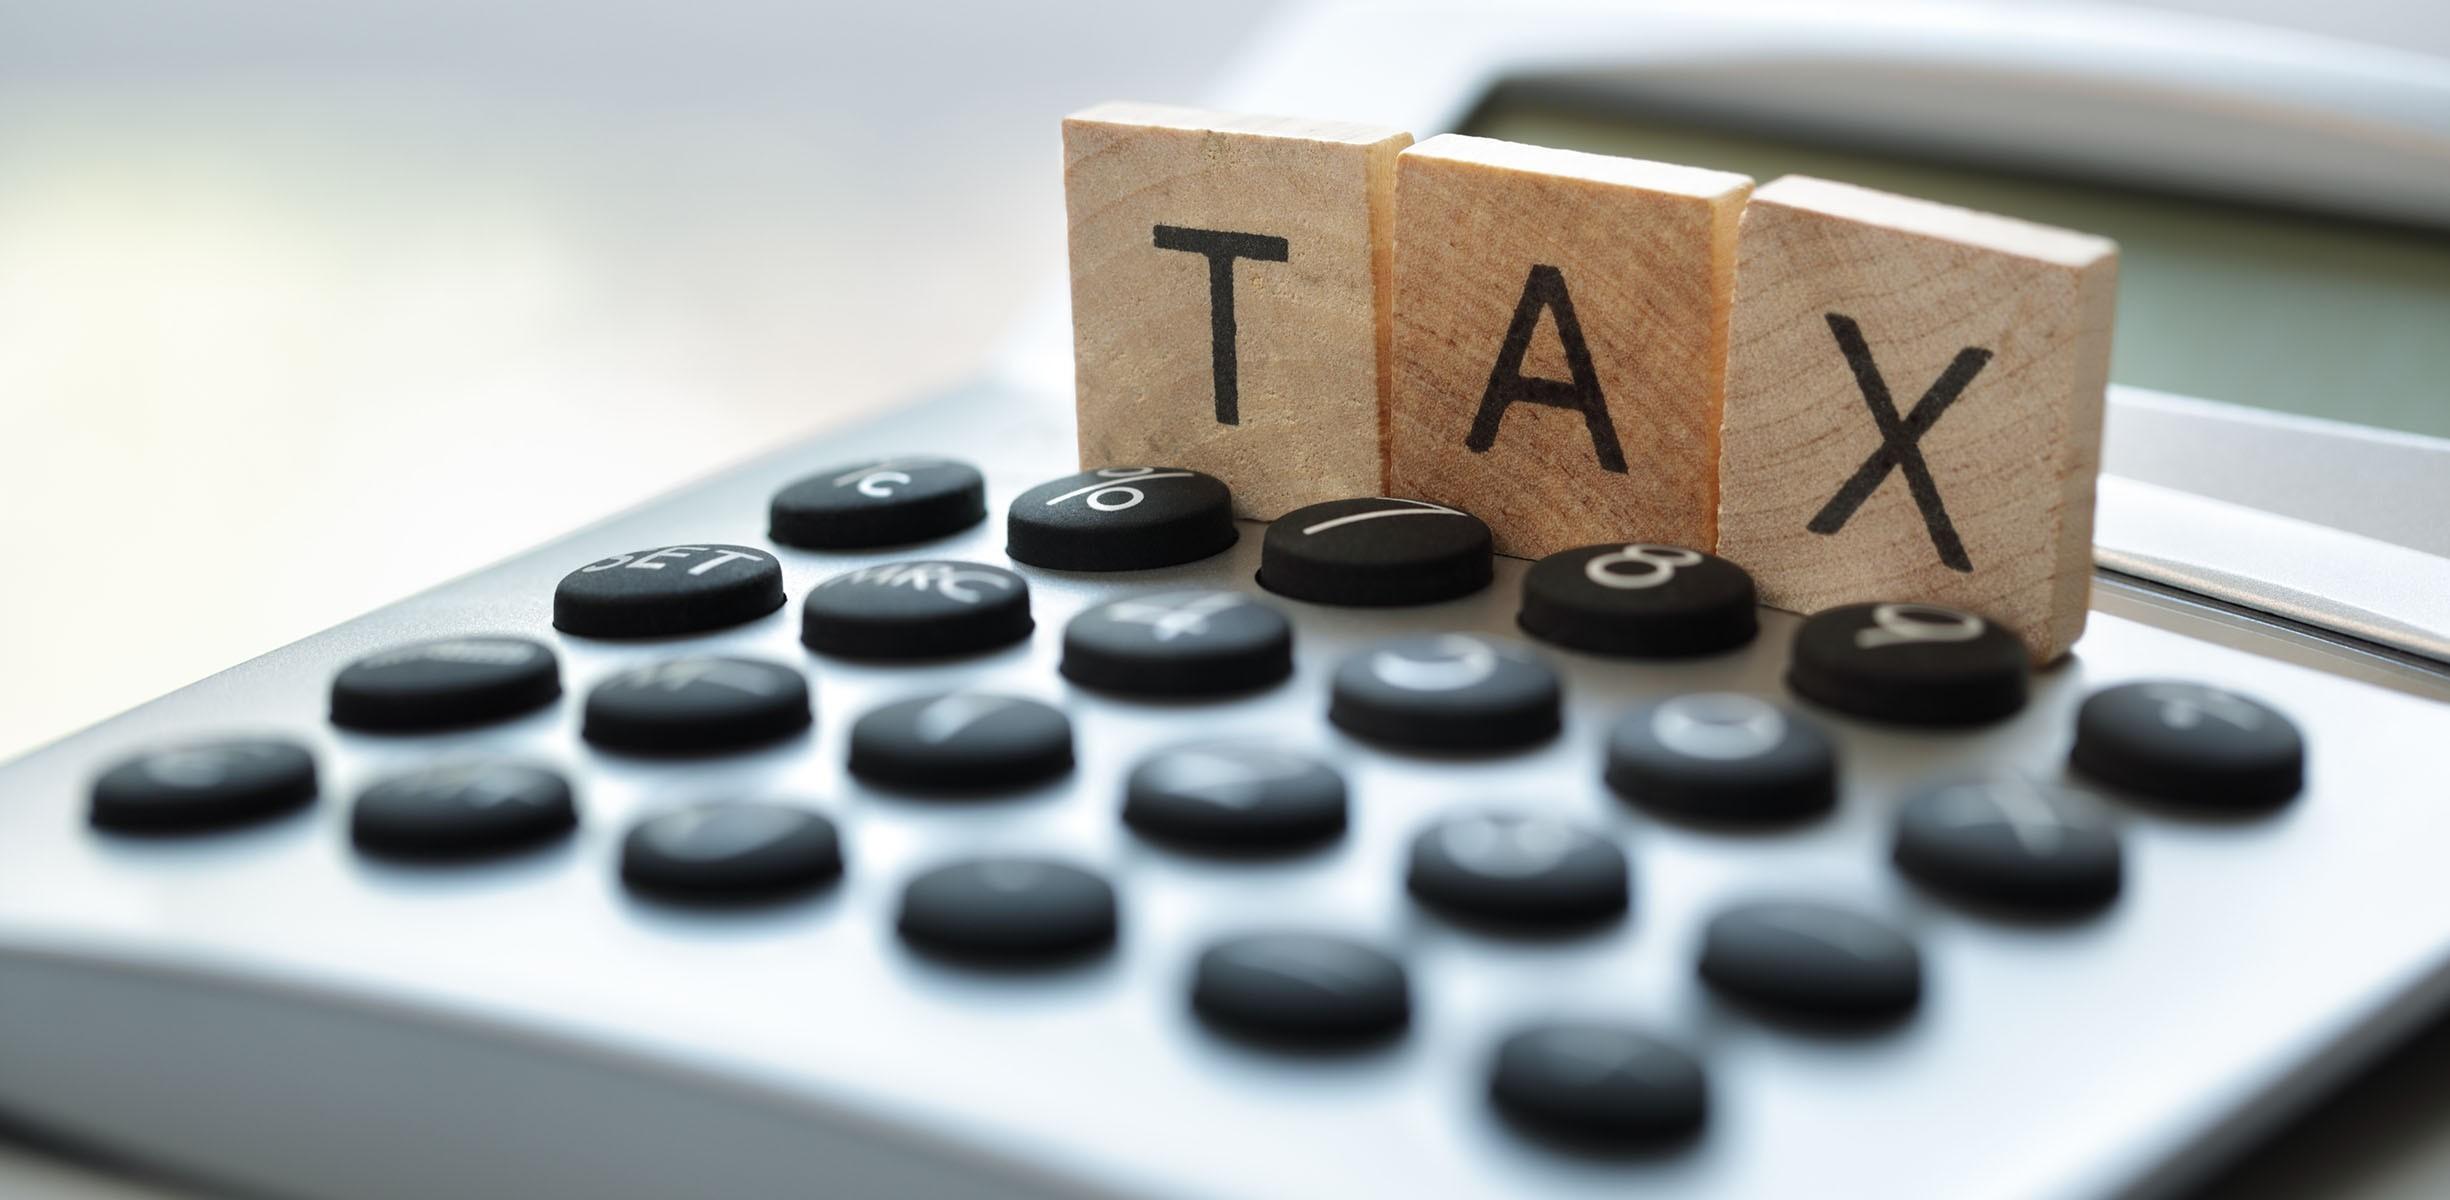 Încă un proiect de modificare a Legii taxei de stat. Se propune o nouă formulă de calcul a taxei pentru mai multe tipuri de cereri de chemare în judecată